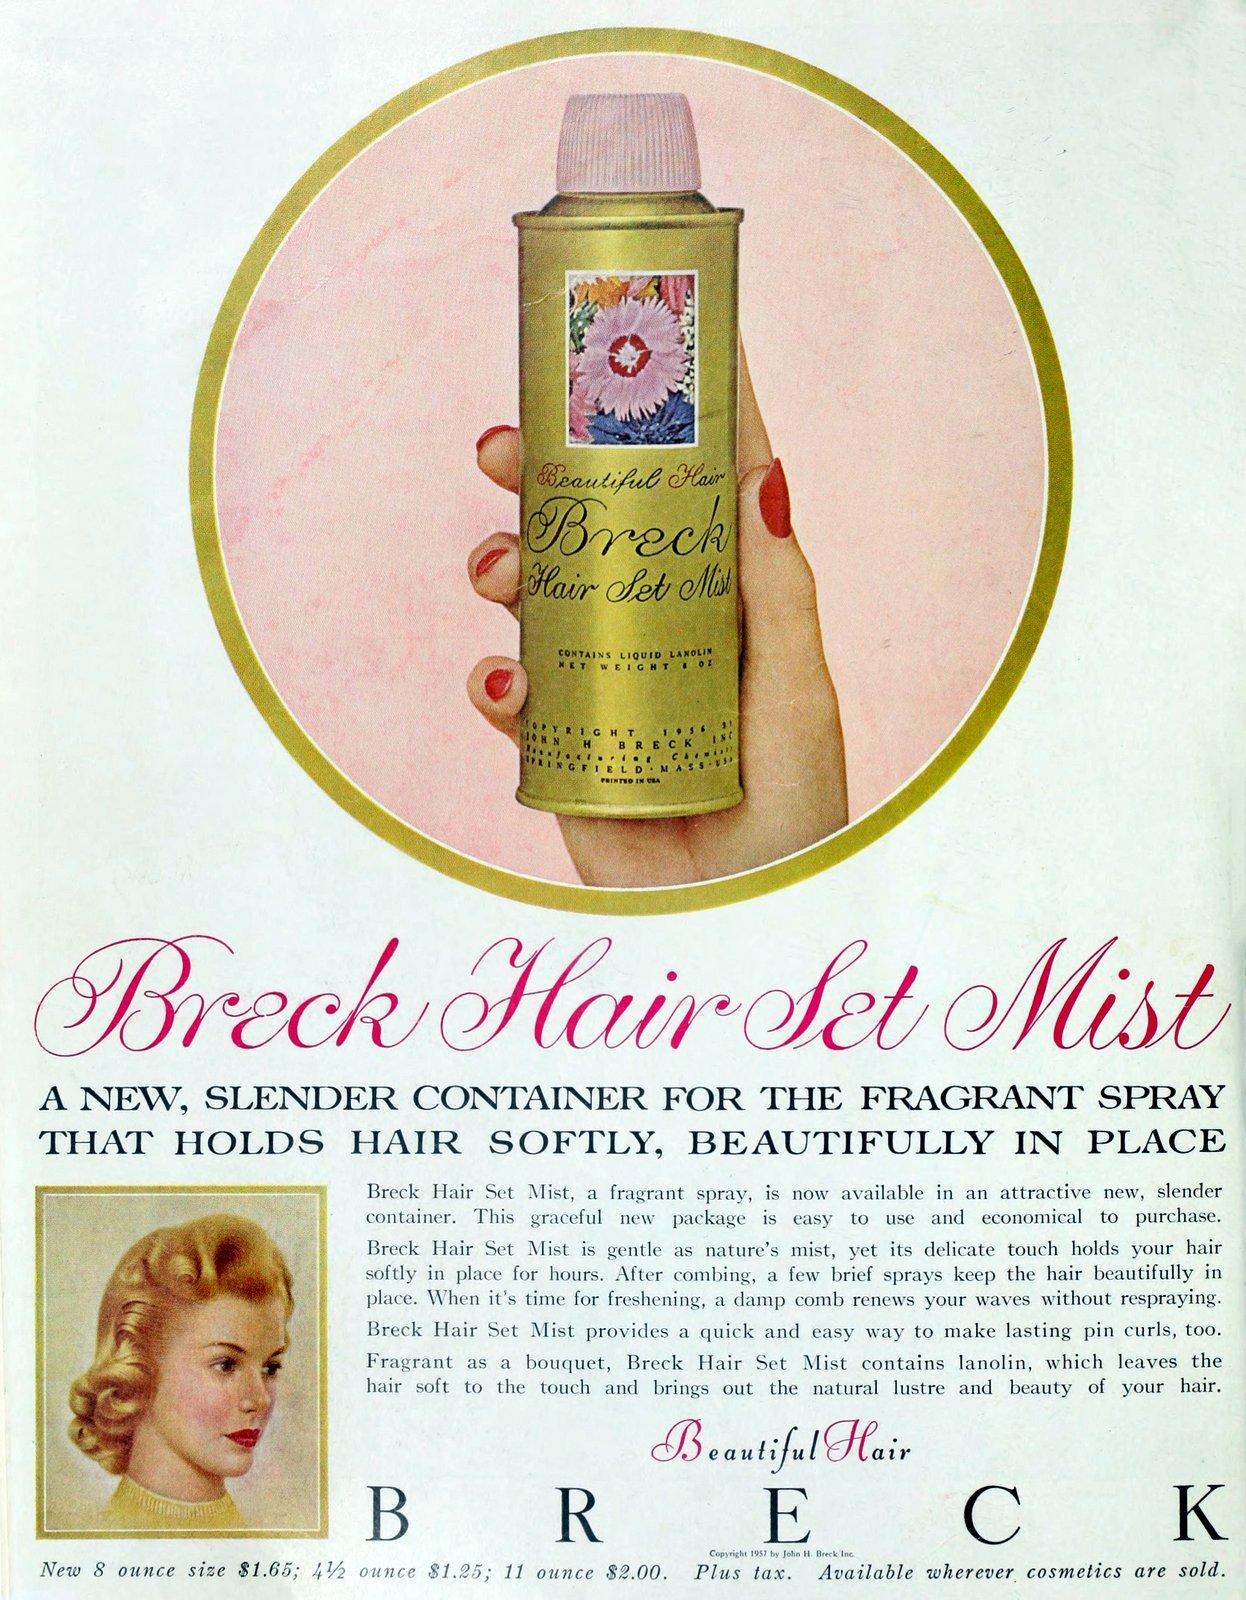 1950s hairspray brands - Breck Hair Set Mist (1957)